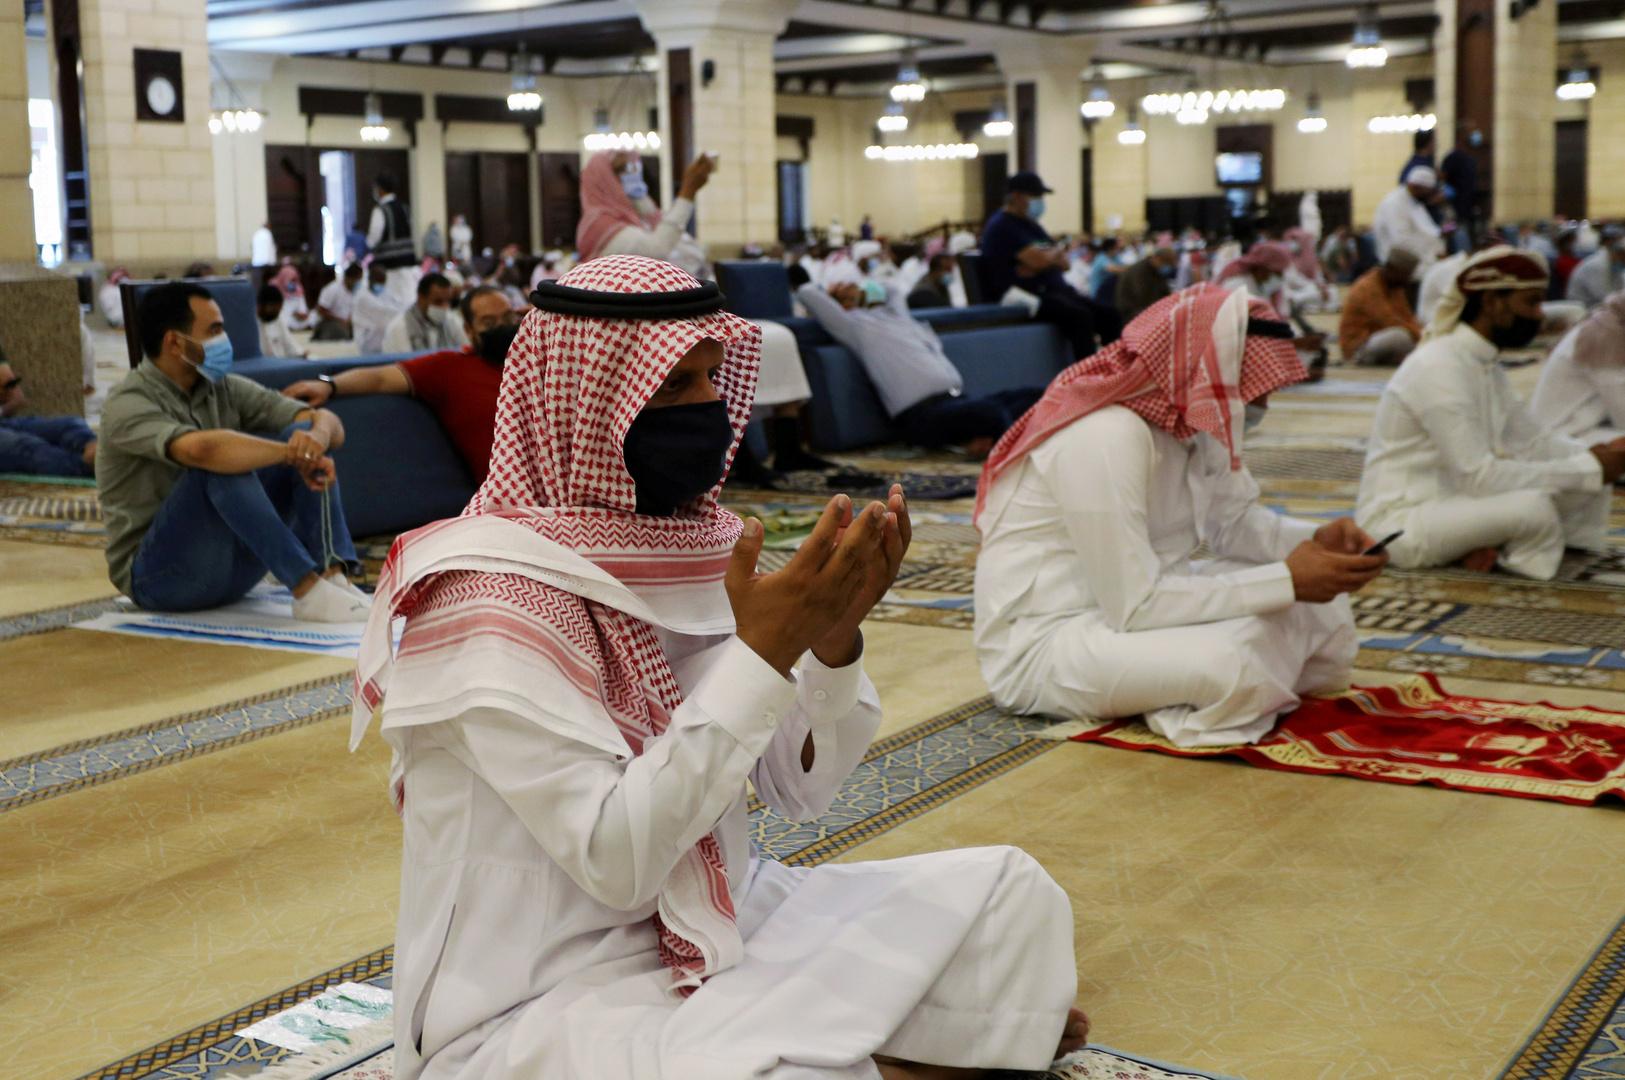 لأول مرة منذ بداية الصيف حالات كورونا النشطة في السعودية تحت الـ30 ألفا Rt Arabic